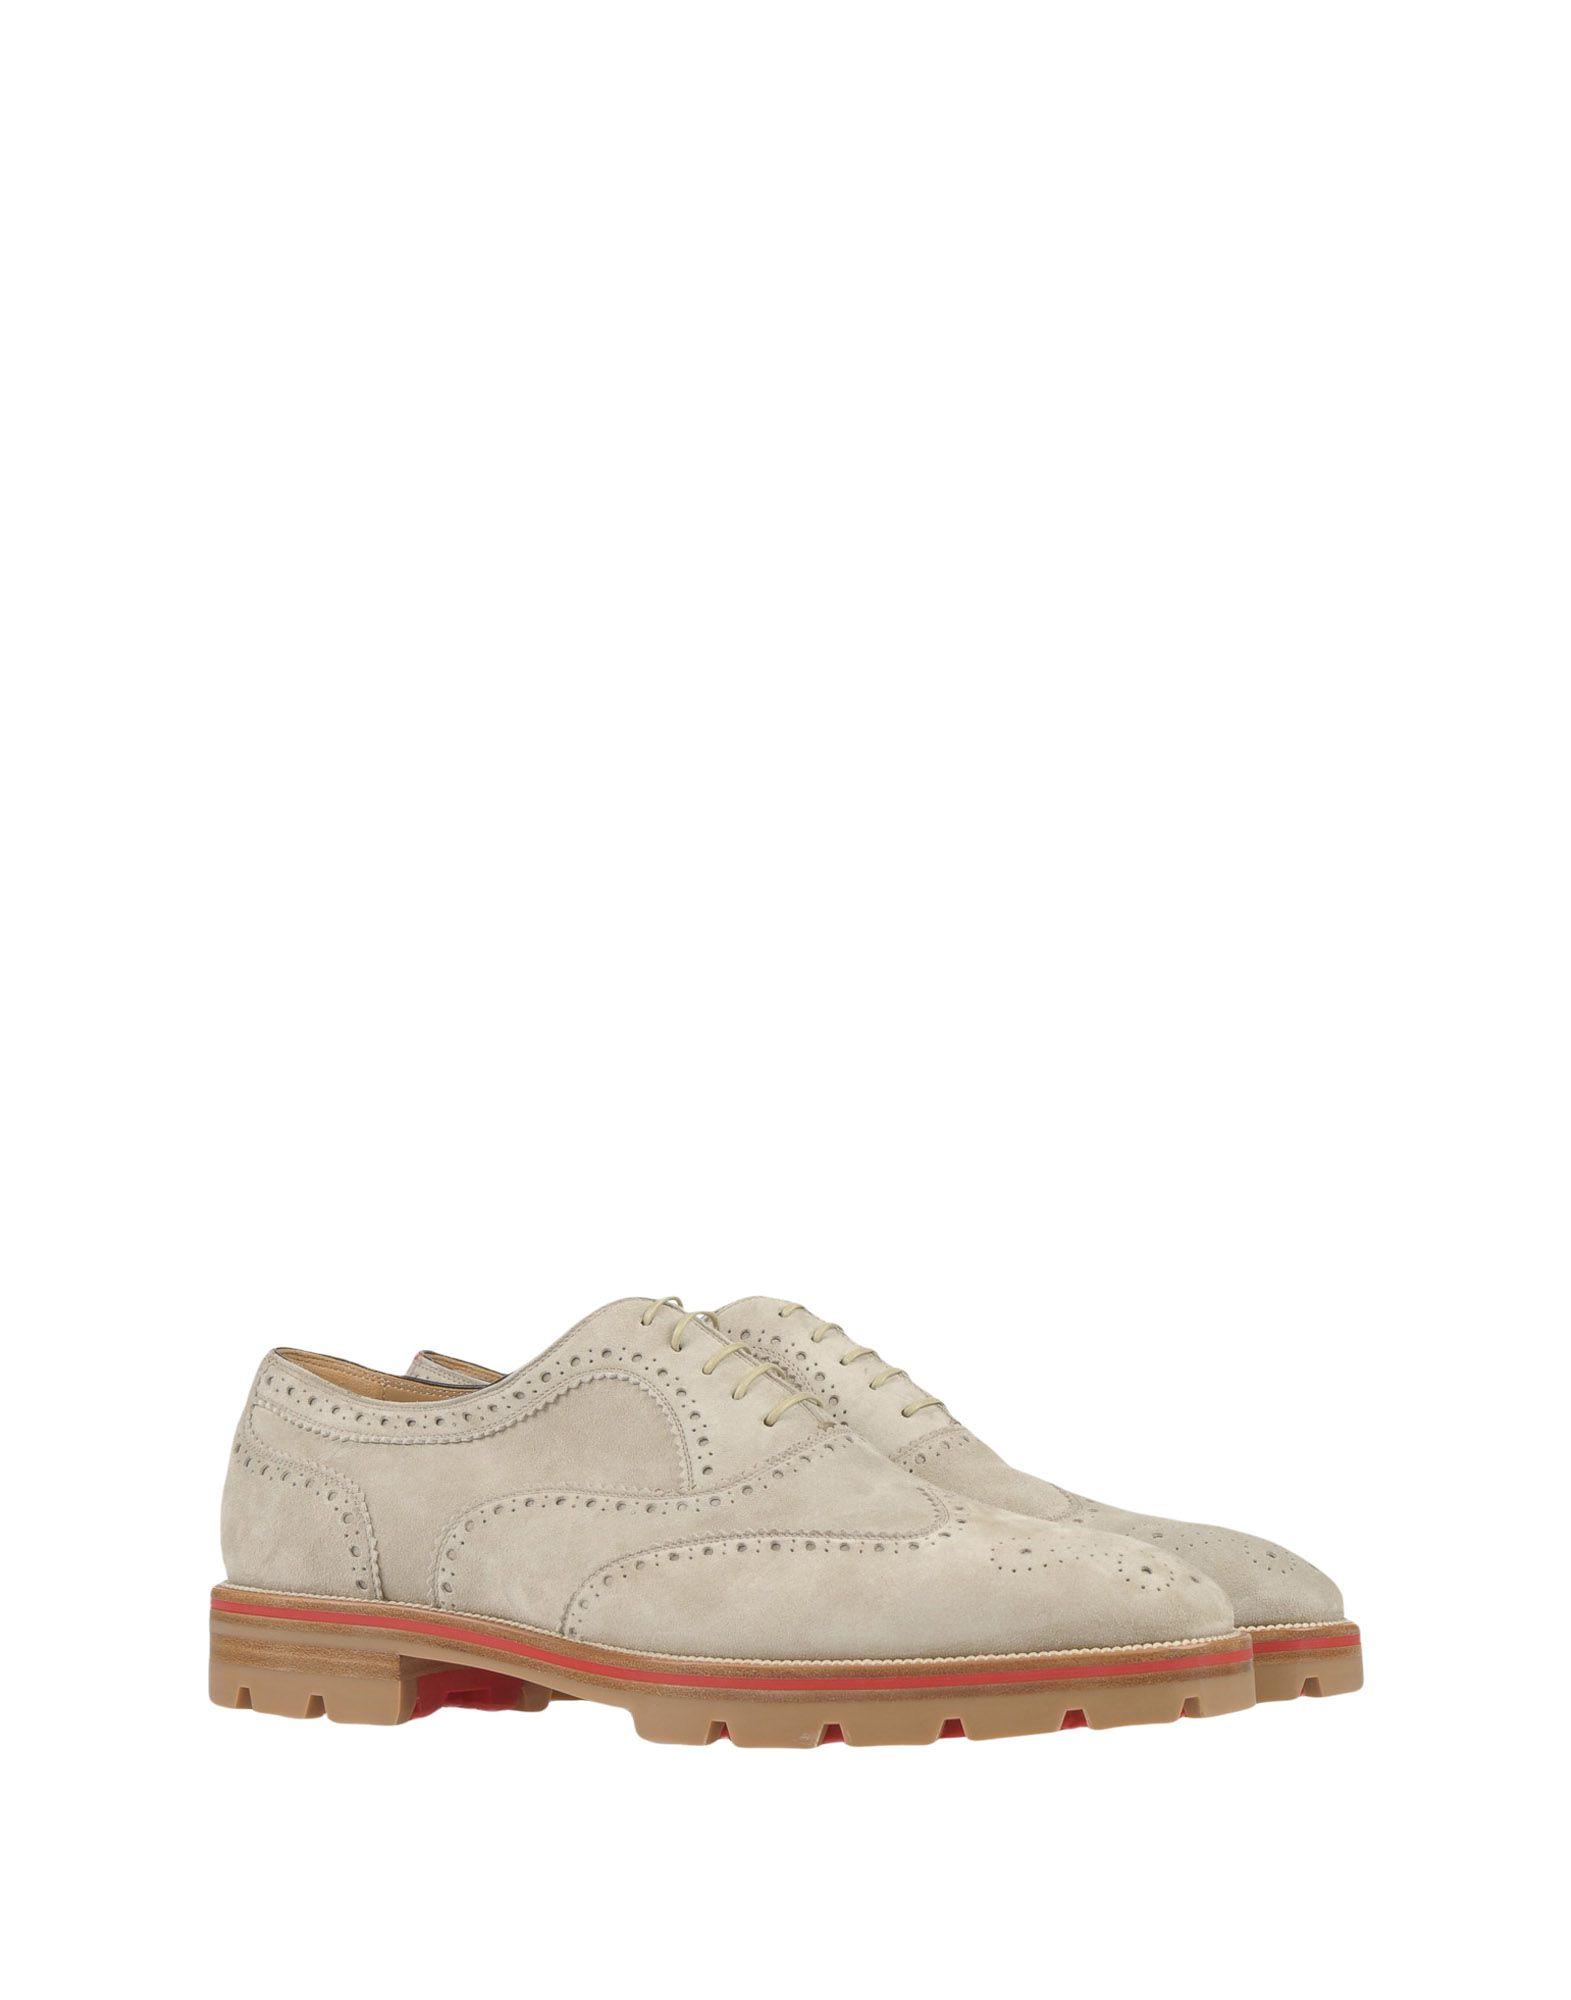 Chaussures - Tribunaux Mauro Grifoni Kk1p50og